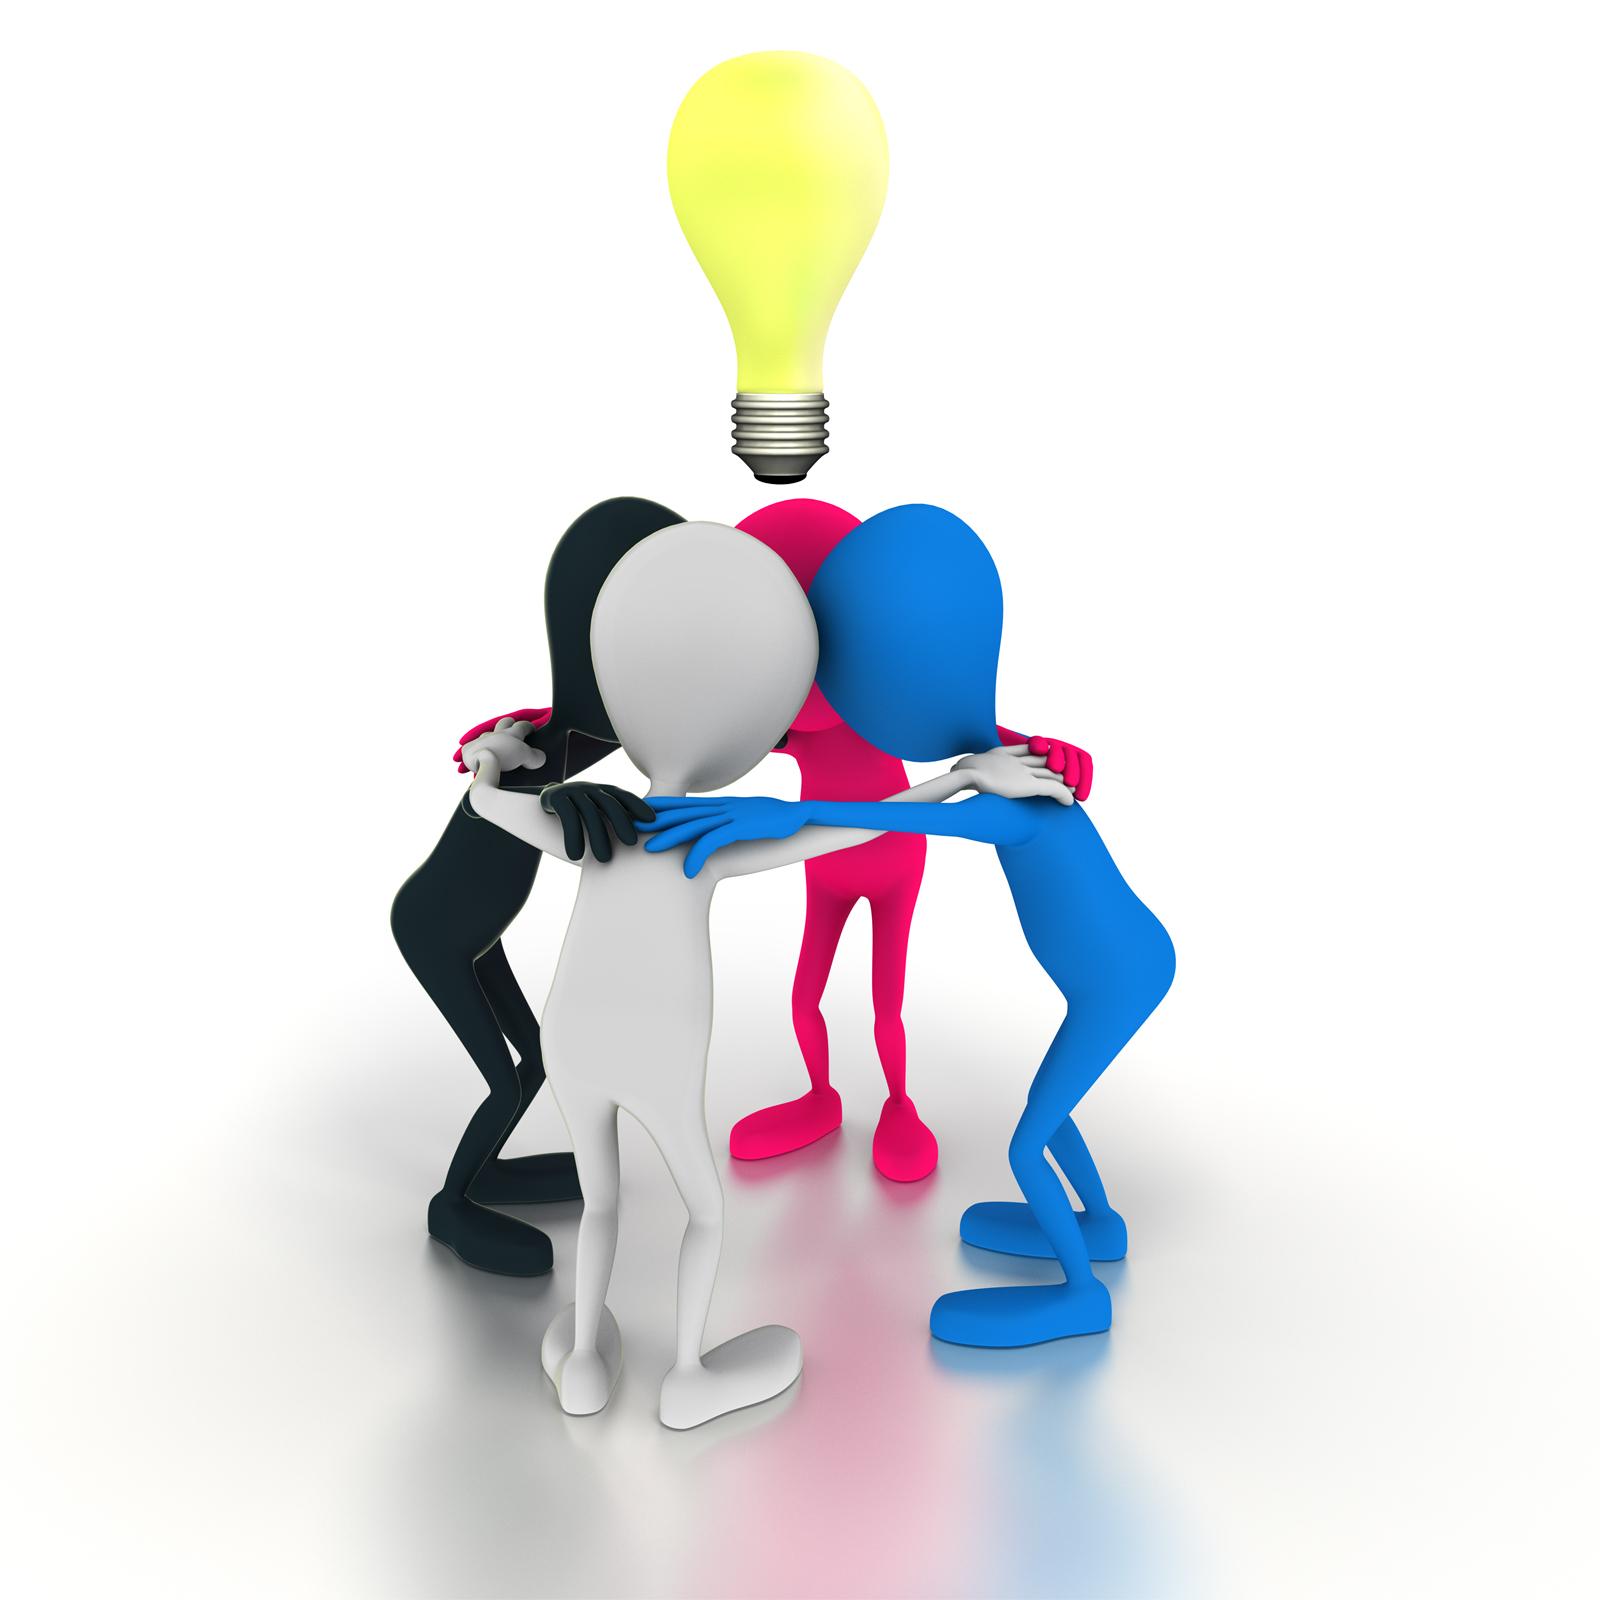 Brainstorming-Brainstorming-1